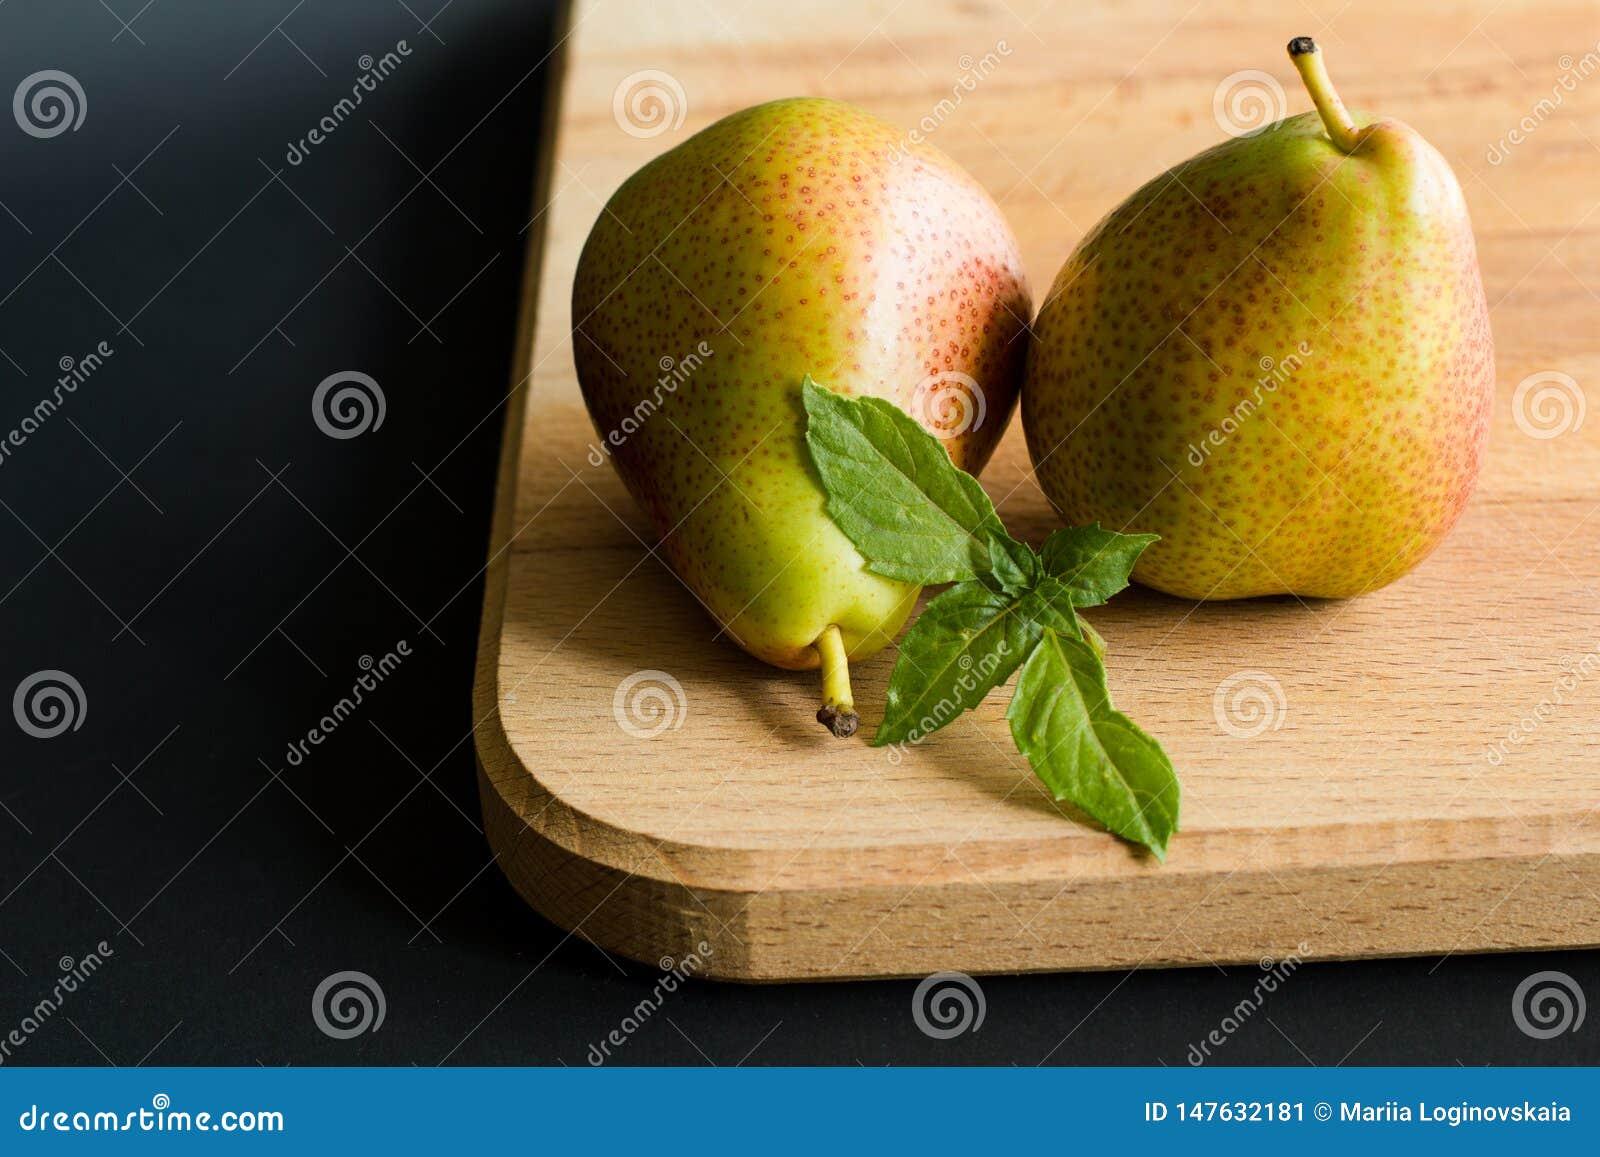 Duas peras com as folhas frescas da manjericão em uma placa de corte de madeira com fundo preto